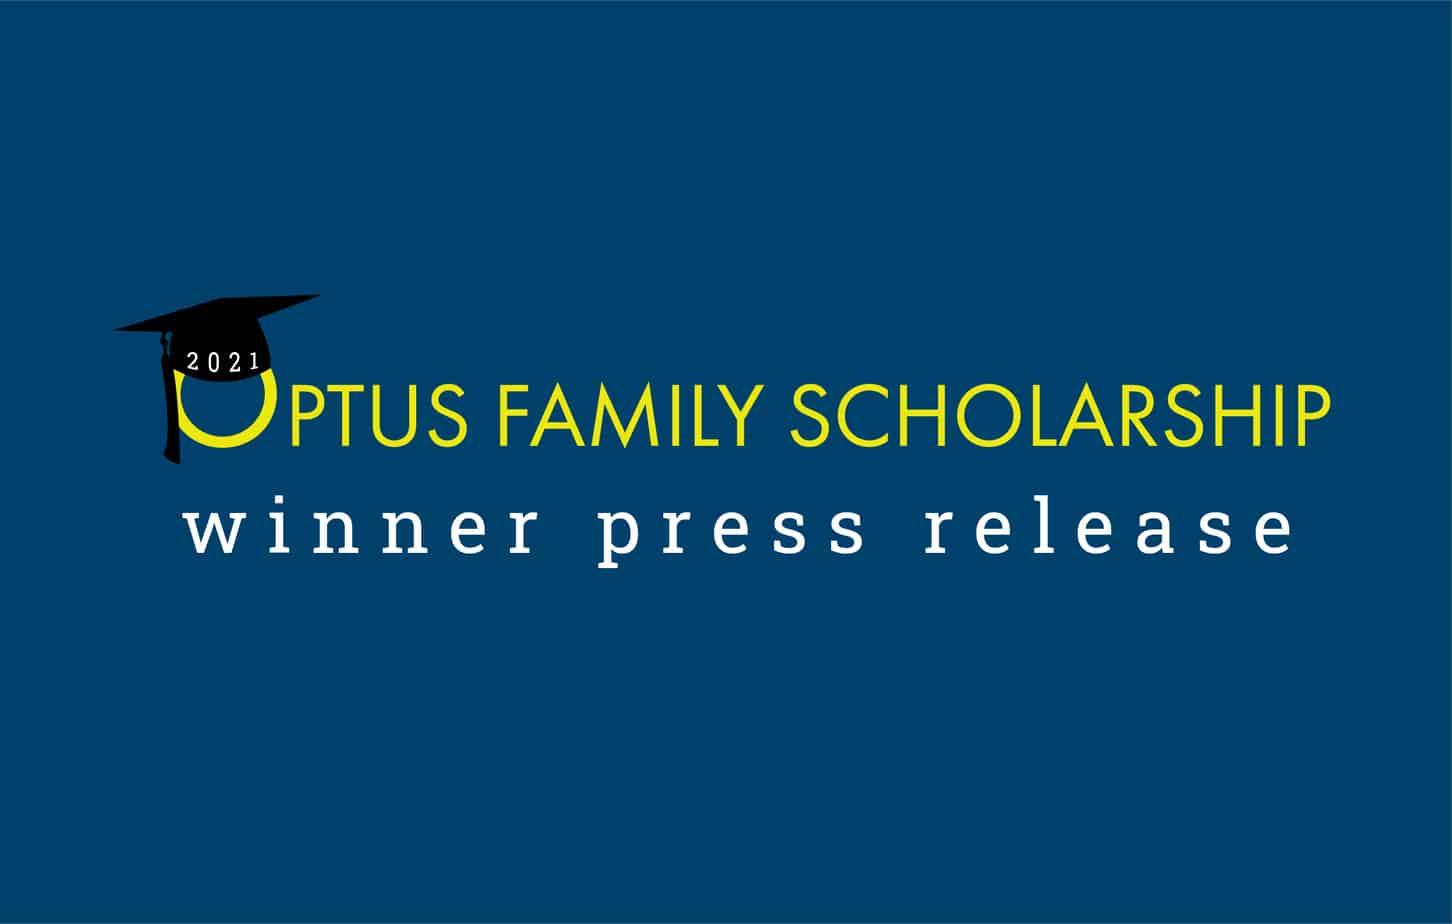 2021 Optus Family Scholarship Winner | Press Release